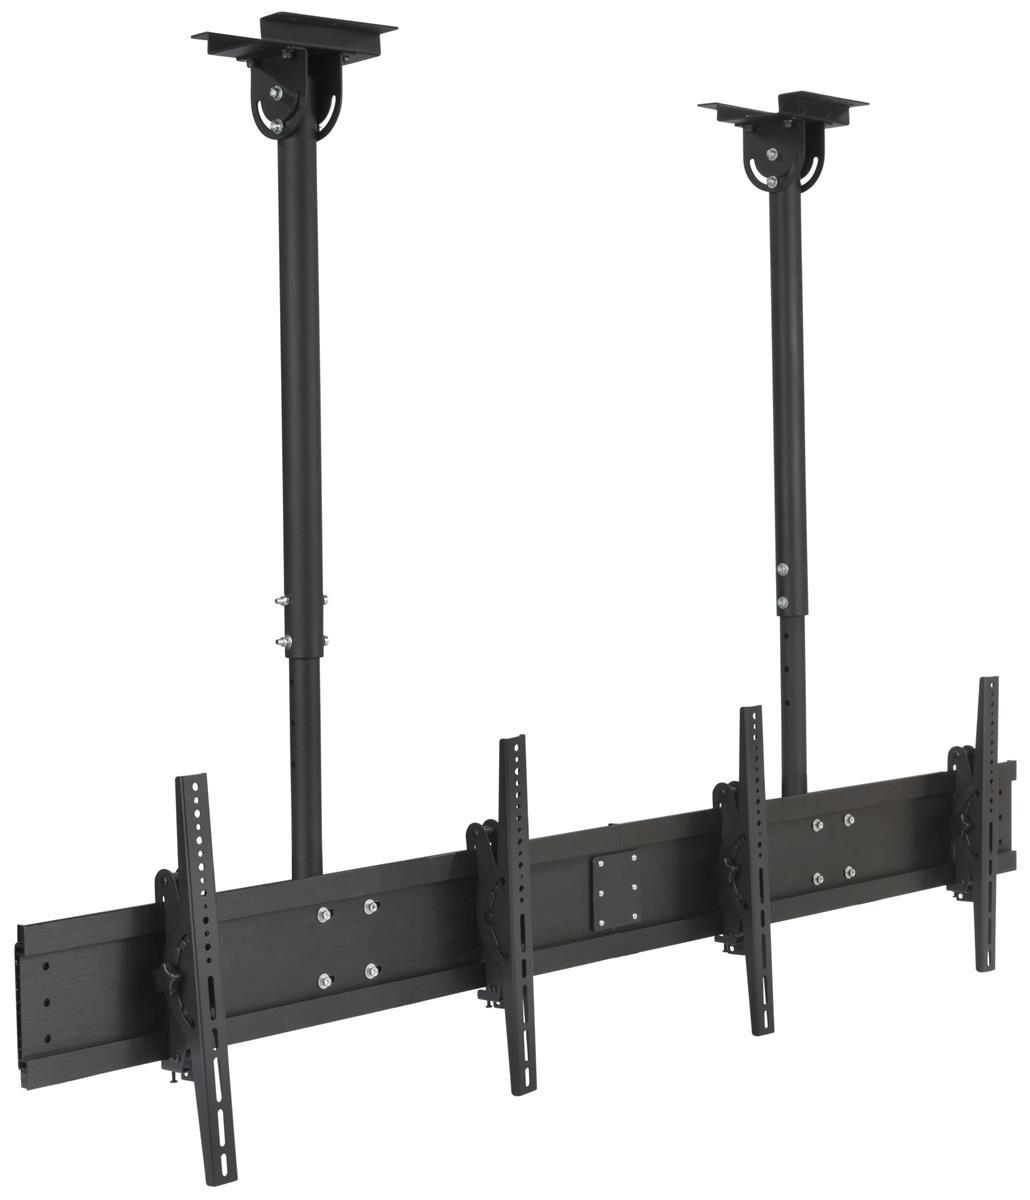 suspended ceiling tv mount adjustable length. Black Bedroom Furniture Sets. Home Design Ideas